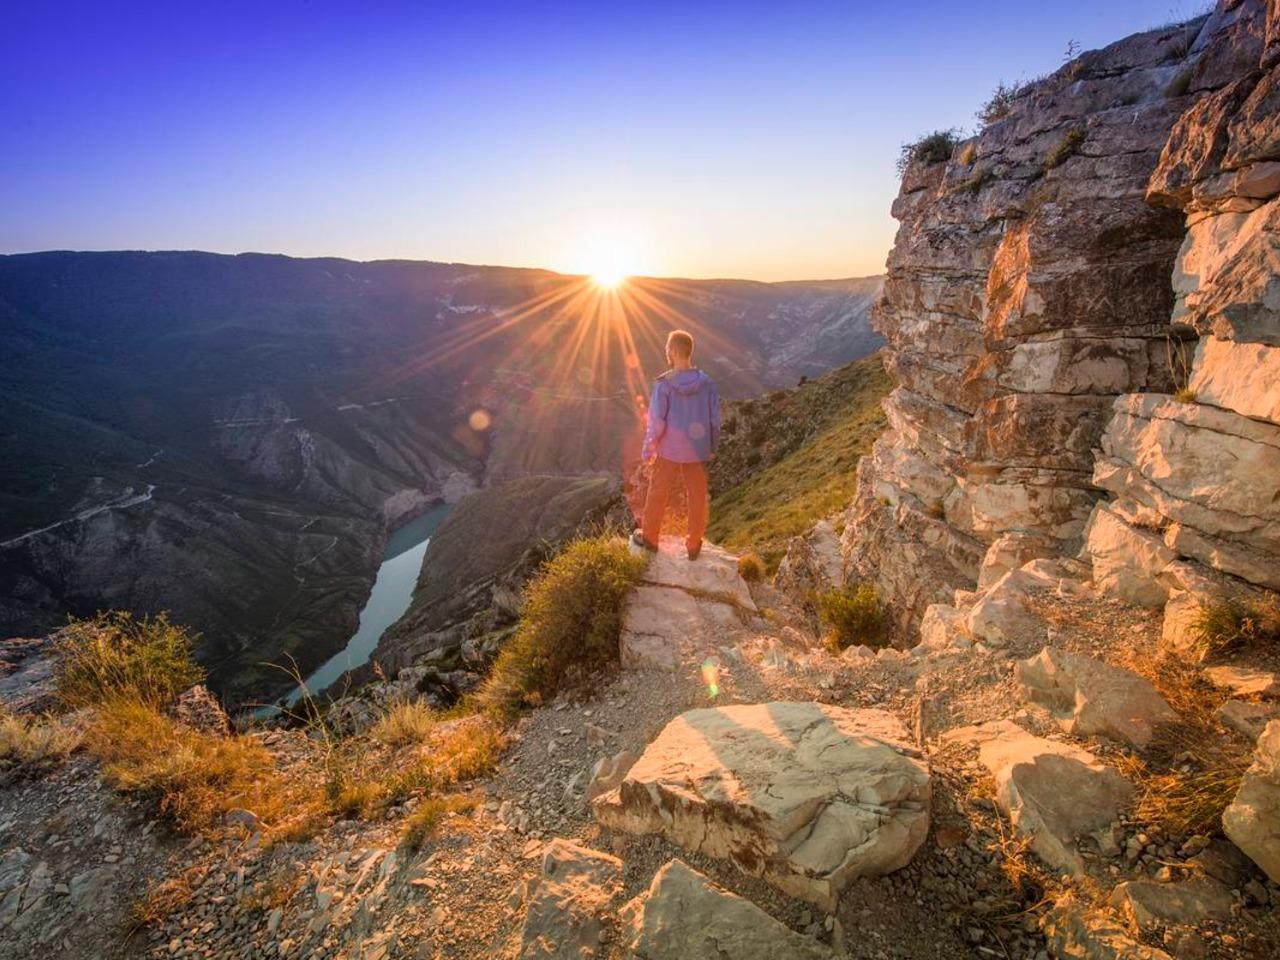 """Дагестан. """"Выше орлов. Сулакский каньон"""" - индивидуальная экскурсия в Грозном от опытного гида"""